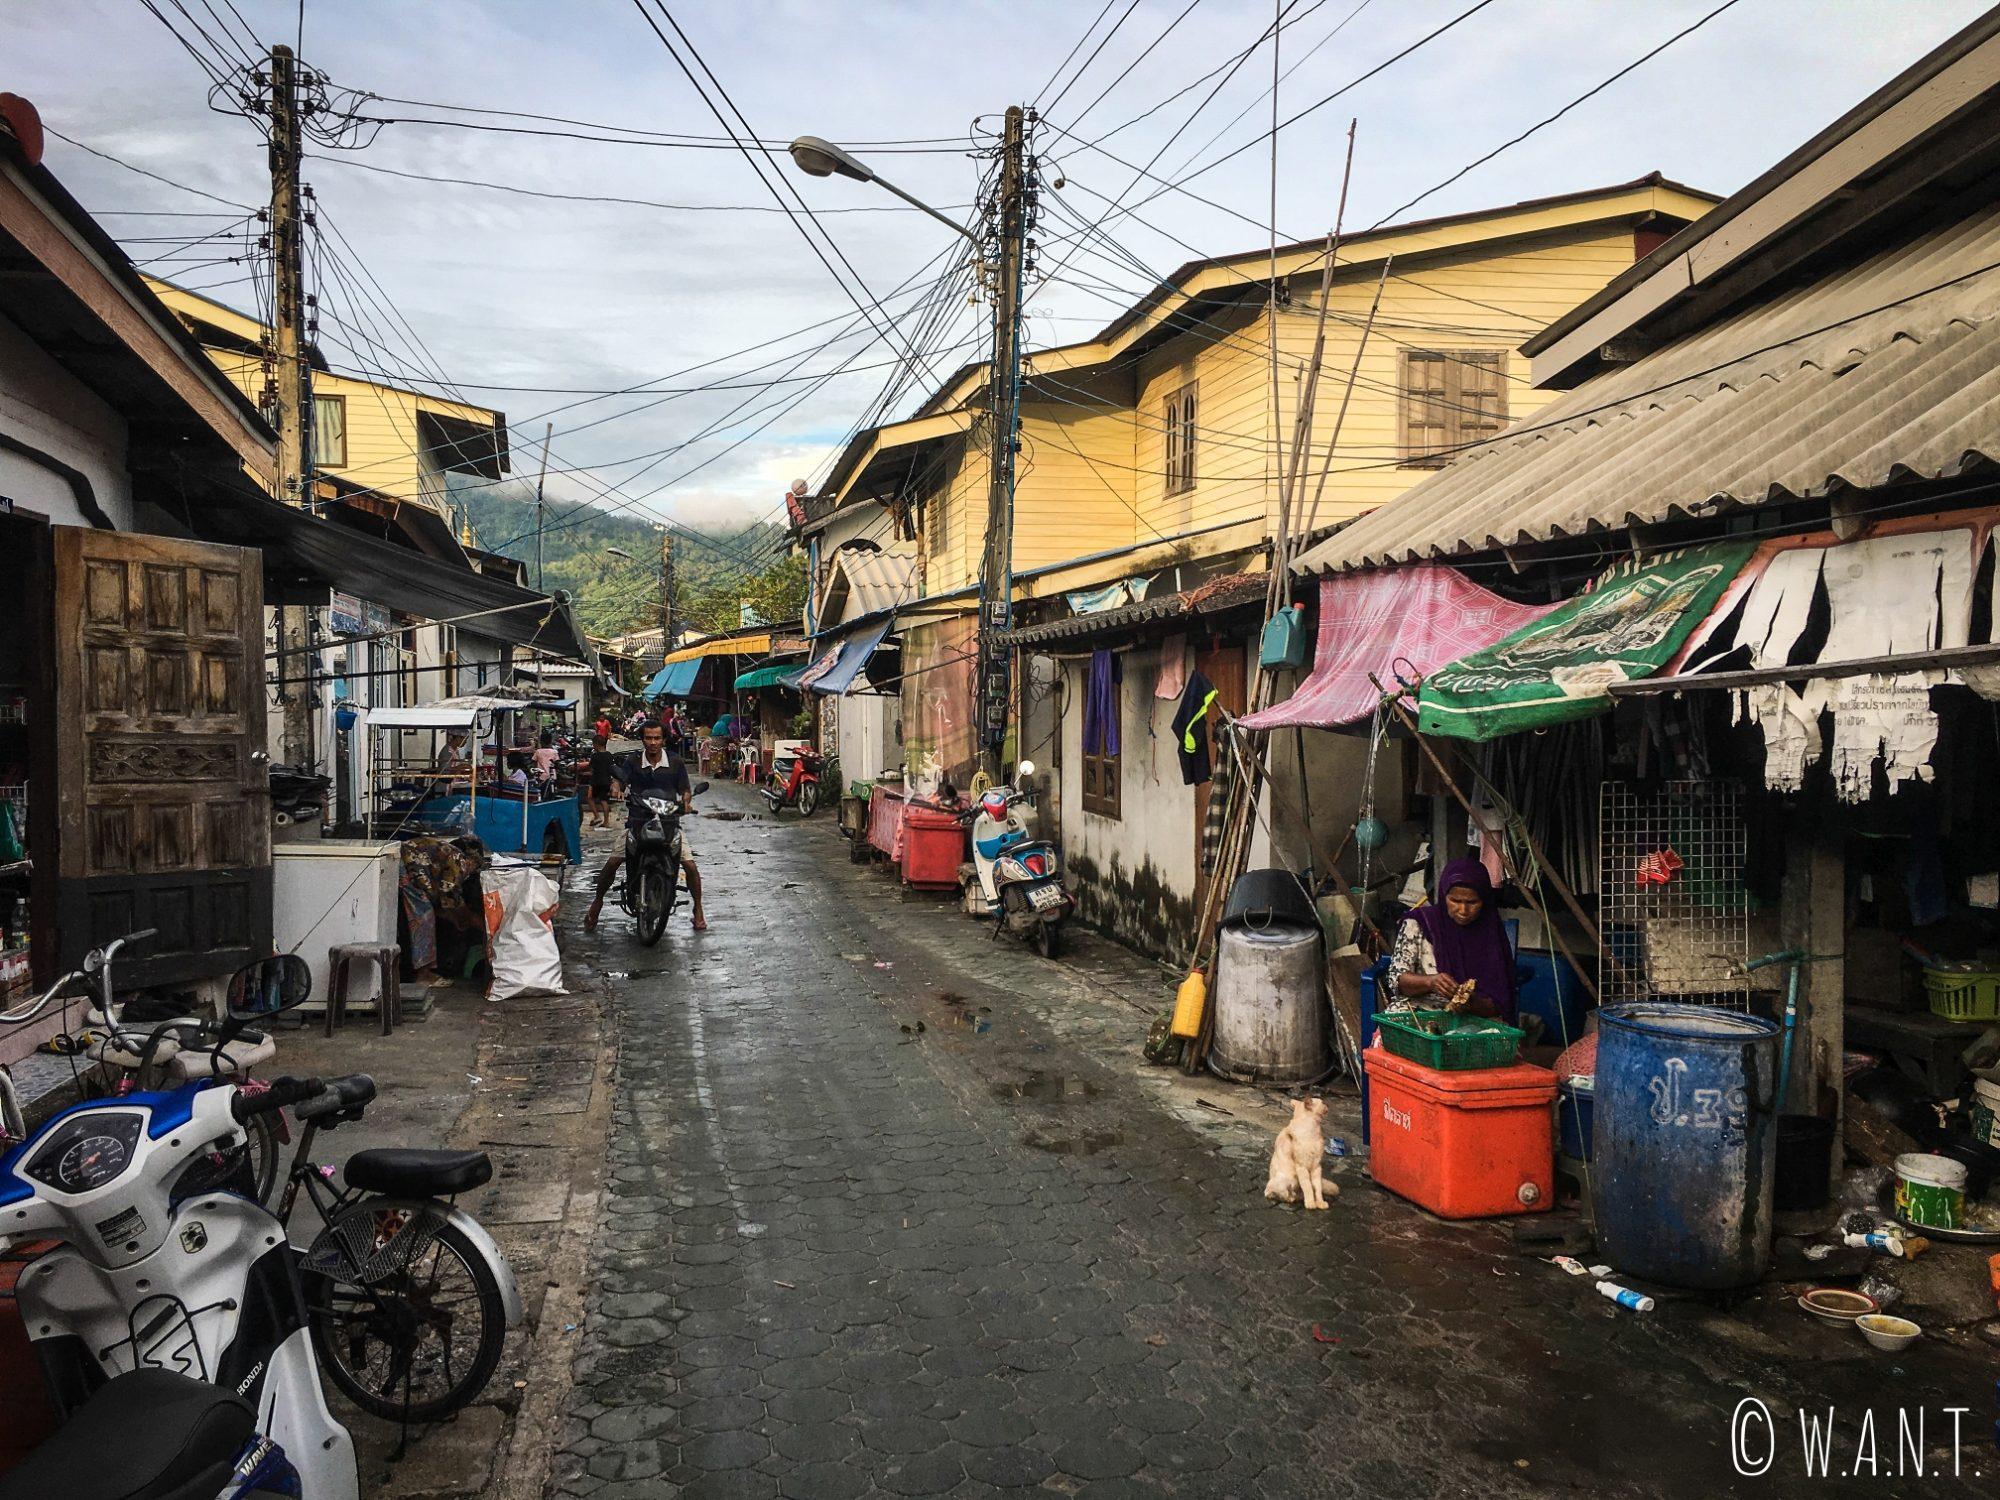 Rue du village musulman de Koh Samui